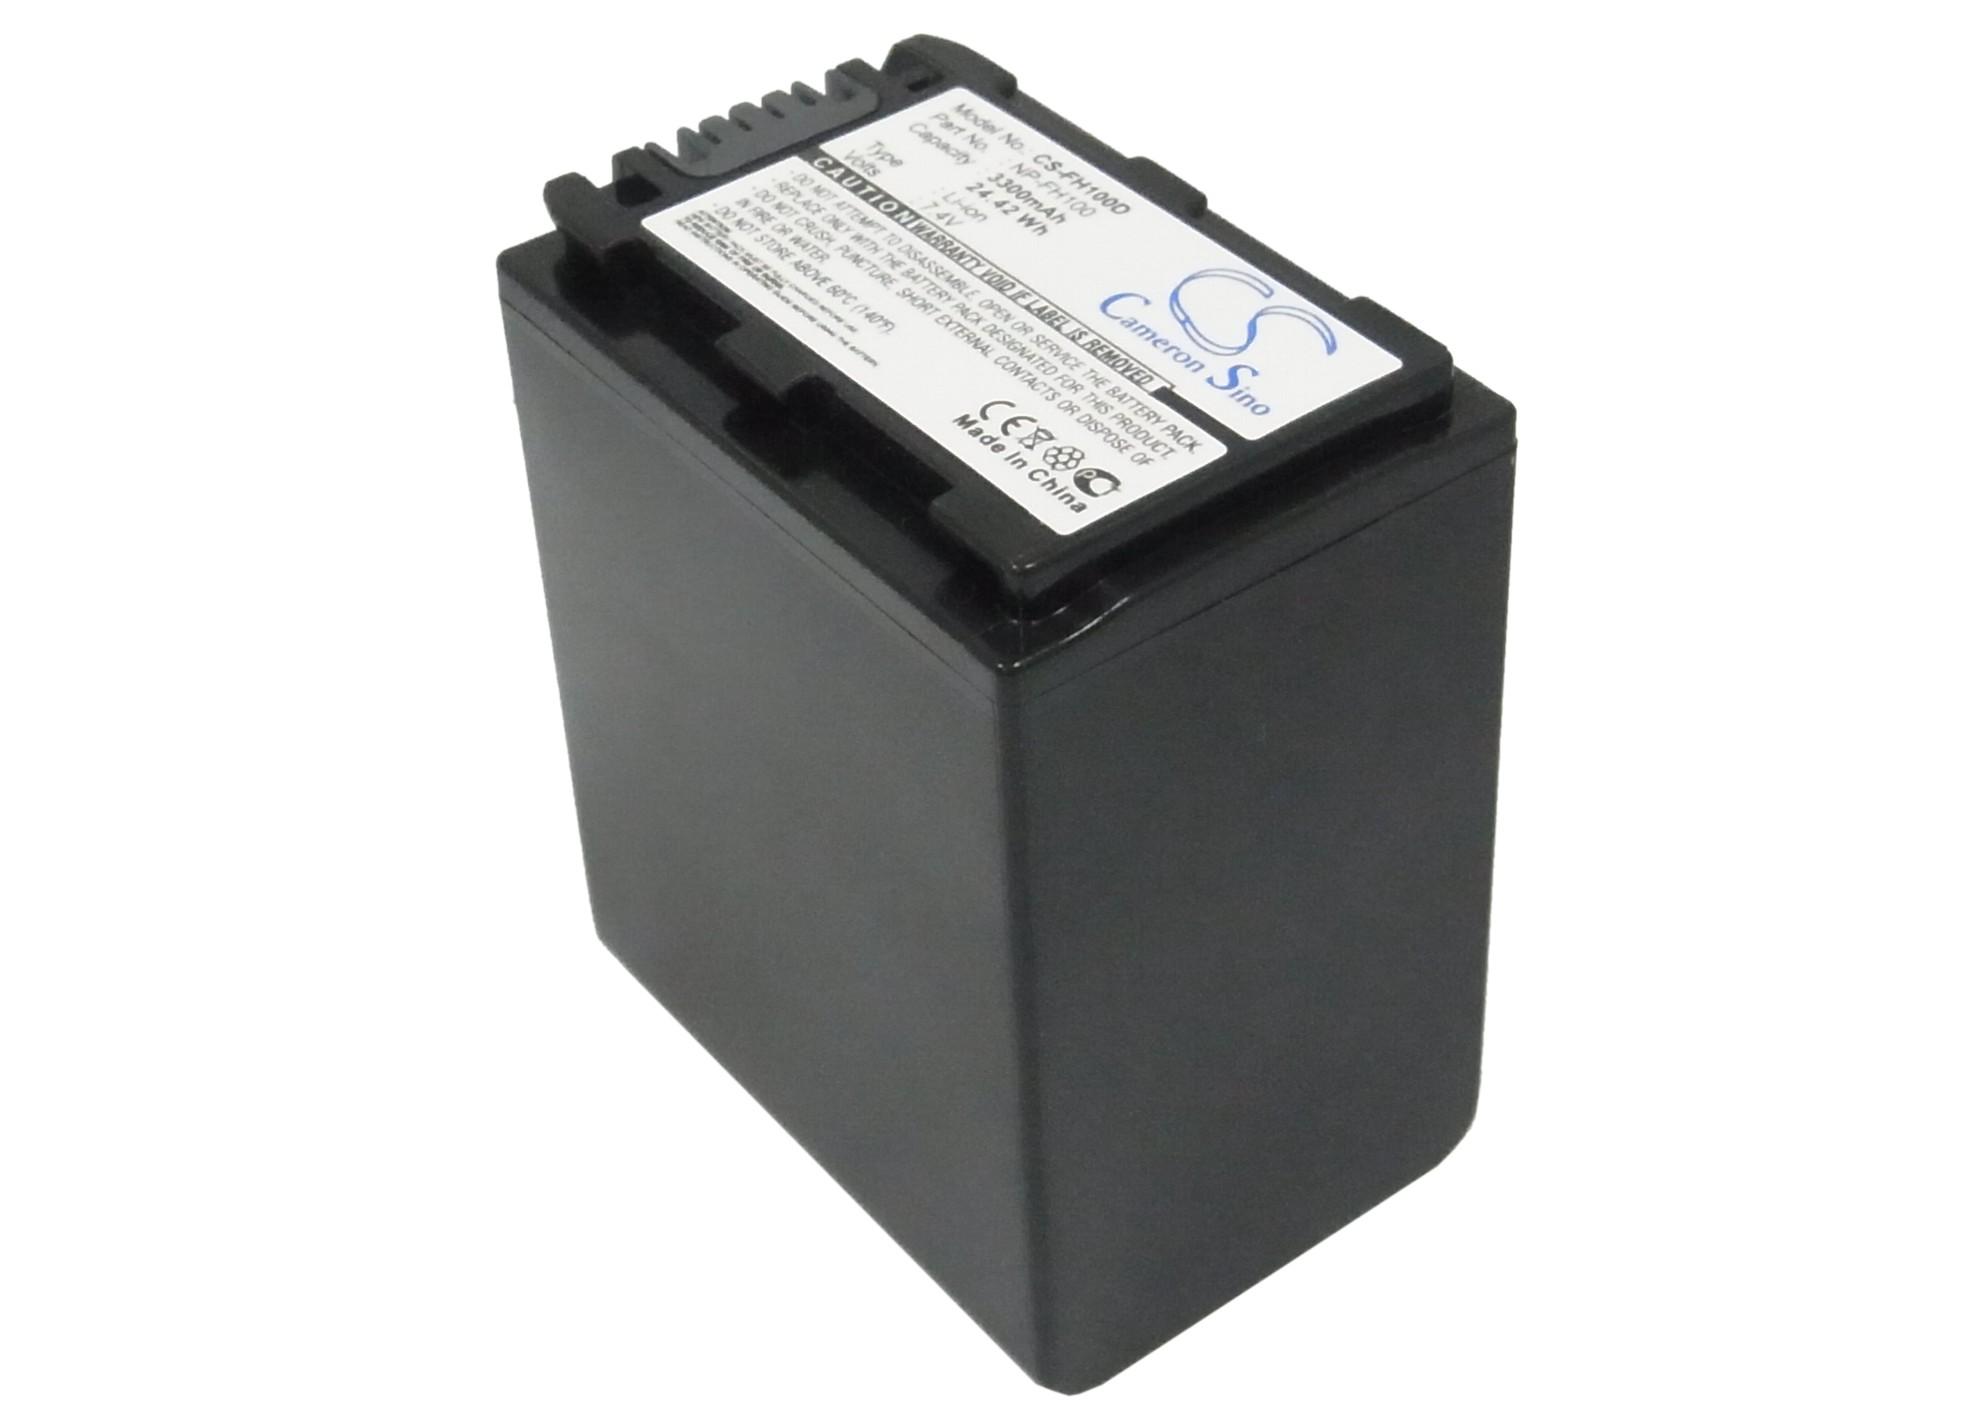 Cameron Sino baterie do kamer a fotoaparátů pro SONY DCR-HC30 7.4V Li-ion 3300mAh tmavě šedá - neoriginální